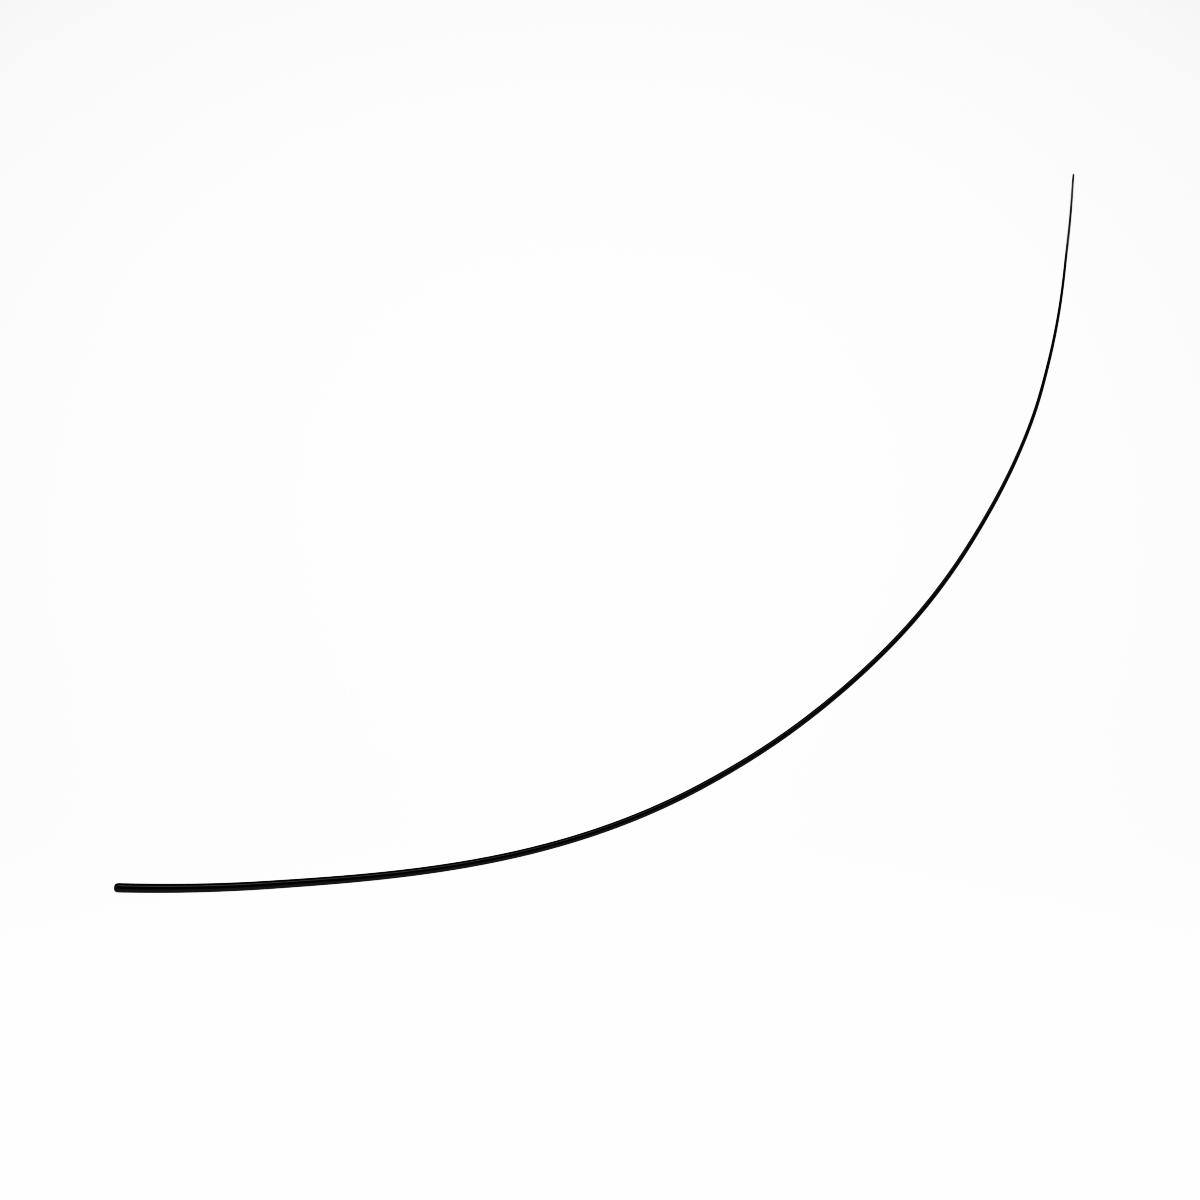 rzesy-objetosciowe-silk-black-c-0-05